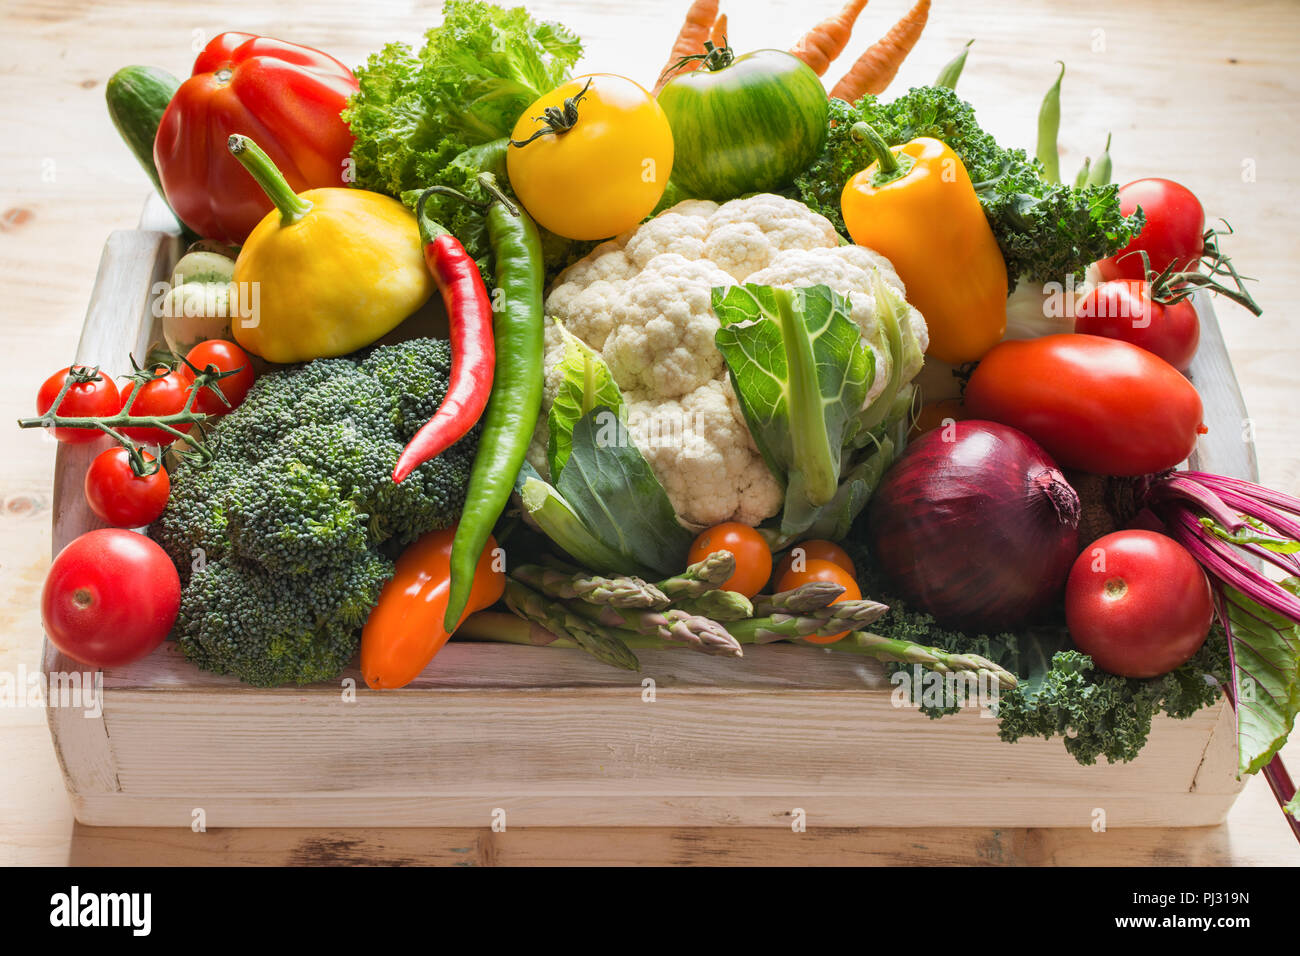 Fresche biologiche verdure colorate in un vassoio bianco su legno tabella di pino, vicino il fuoco selettivo Immagini Stock